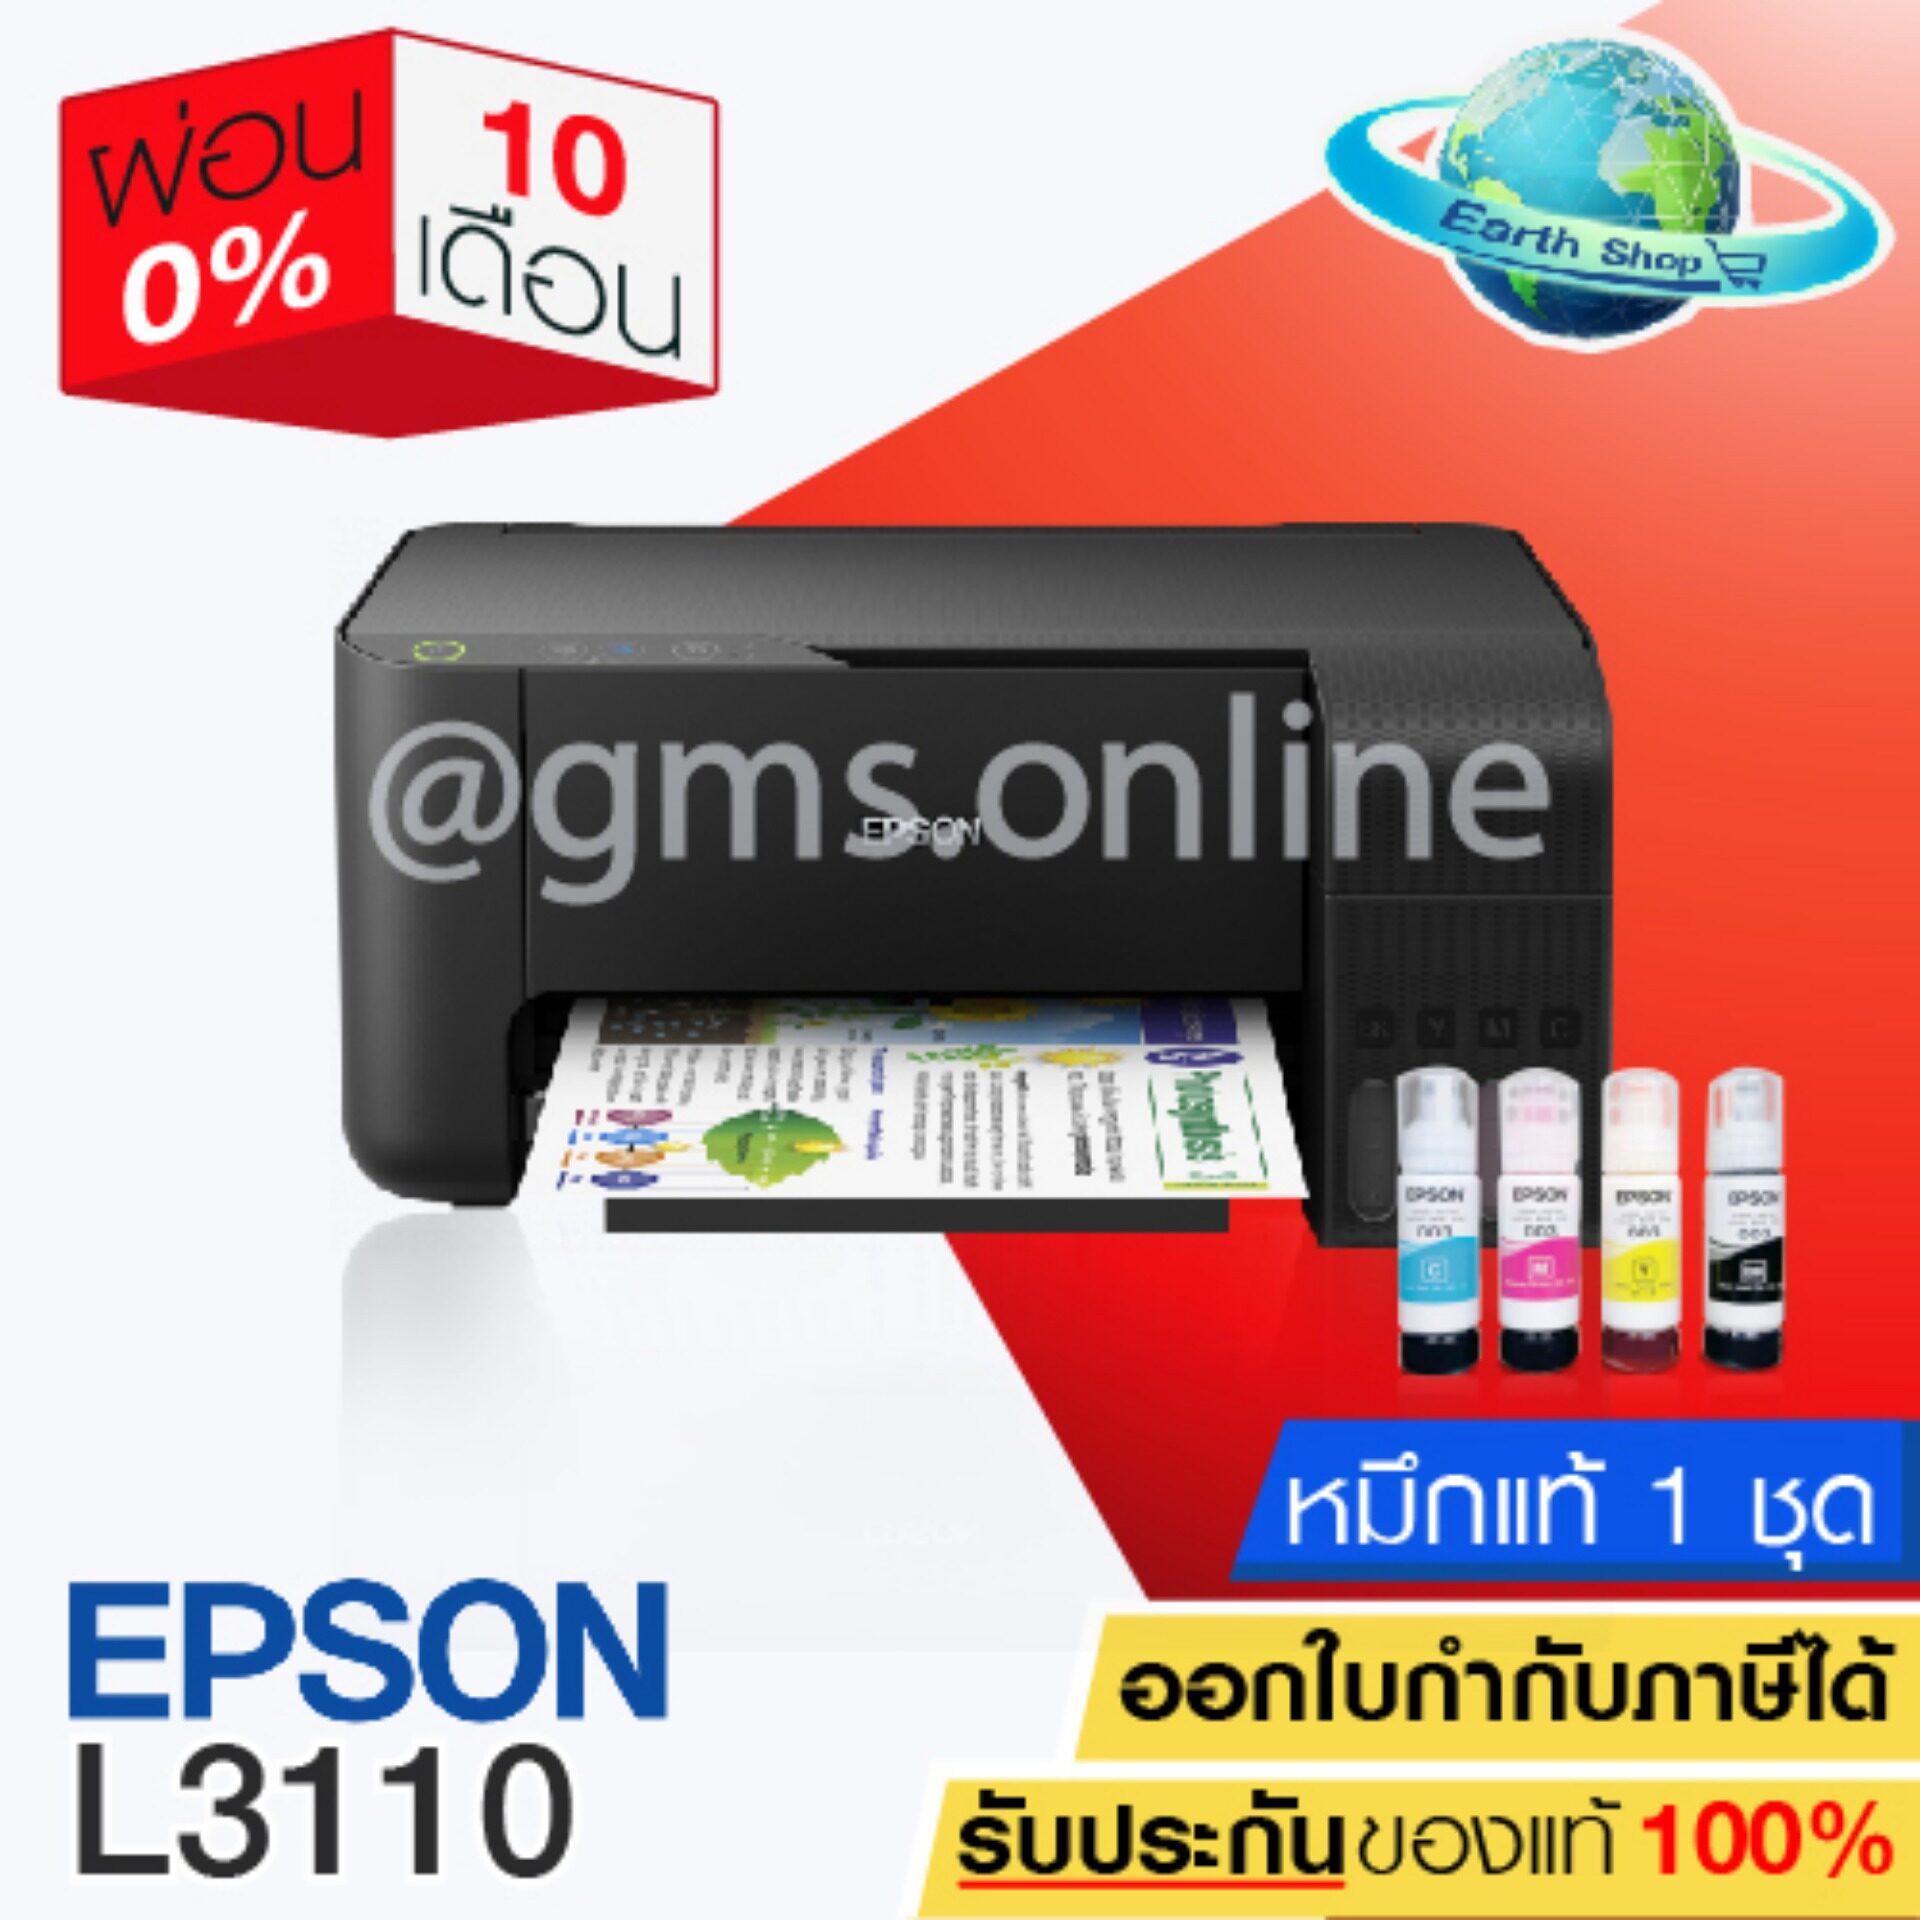 [ผ่อน 0% นาน 10 เดือน]epson L3110 Ecotank All-In-One Ink Tank Printer (เครื่องปรินท์ พร้อมหมึกแท้จากepson สีละ1ขวด) Earth Shop.